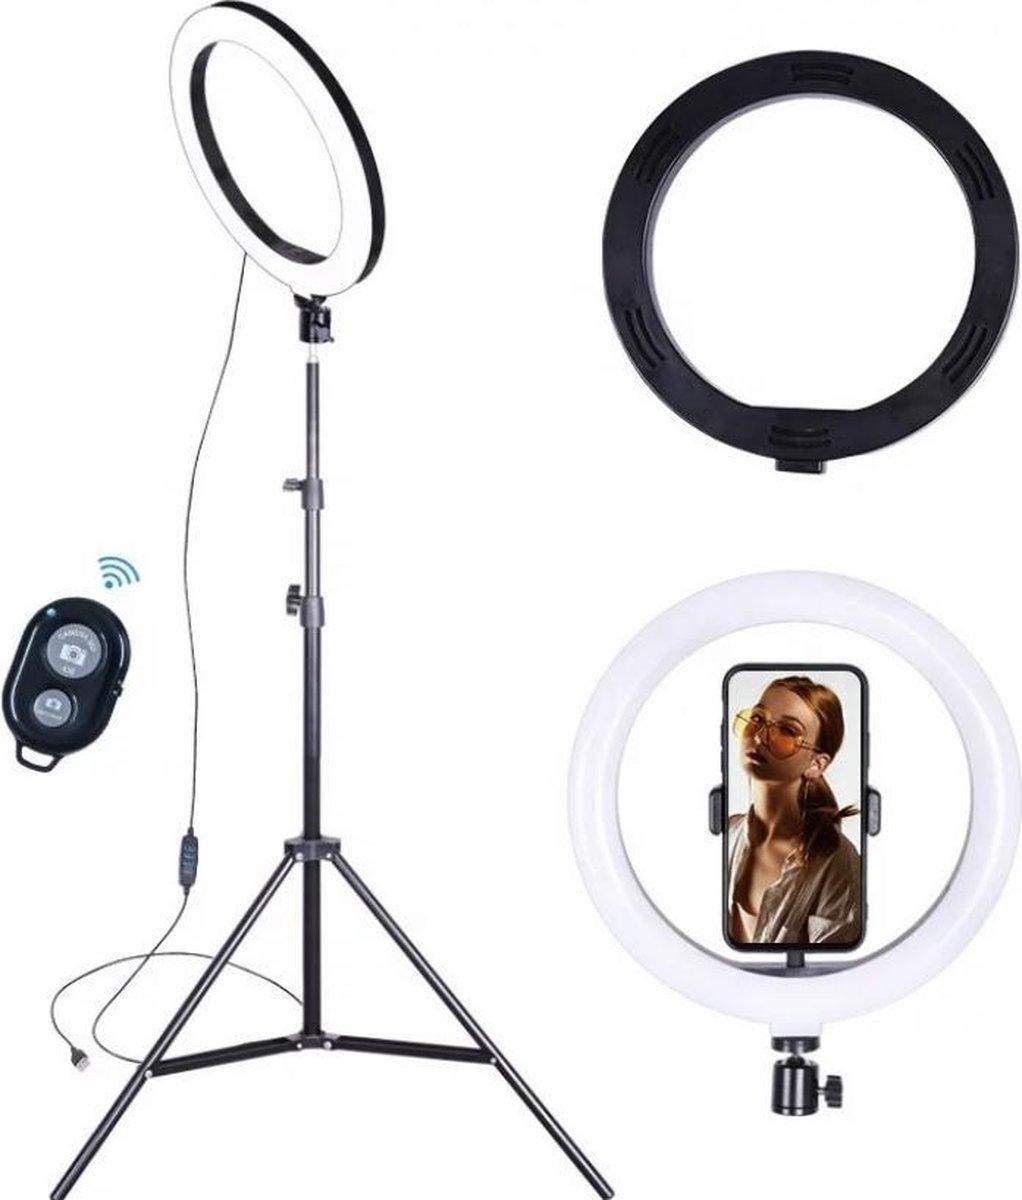 Ringlight Lamp met Statief 70-200 cm / Make Up en Selfie incl bluetooth afstandsbediening